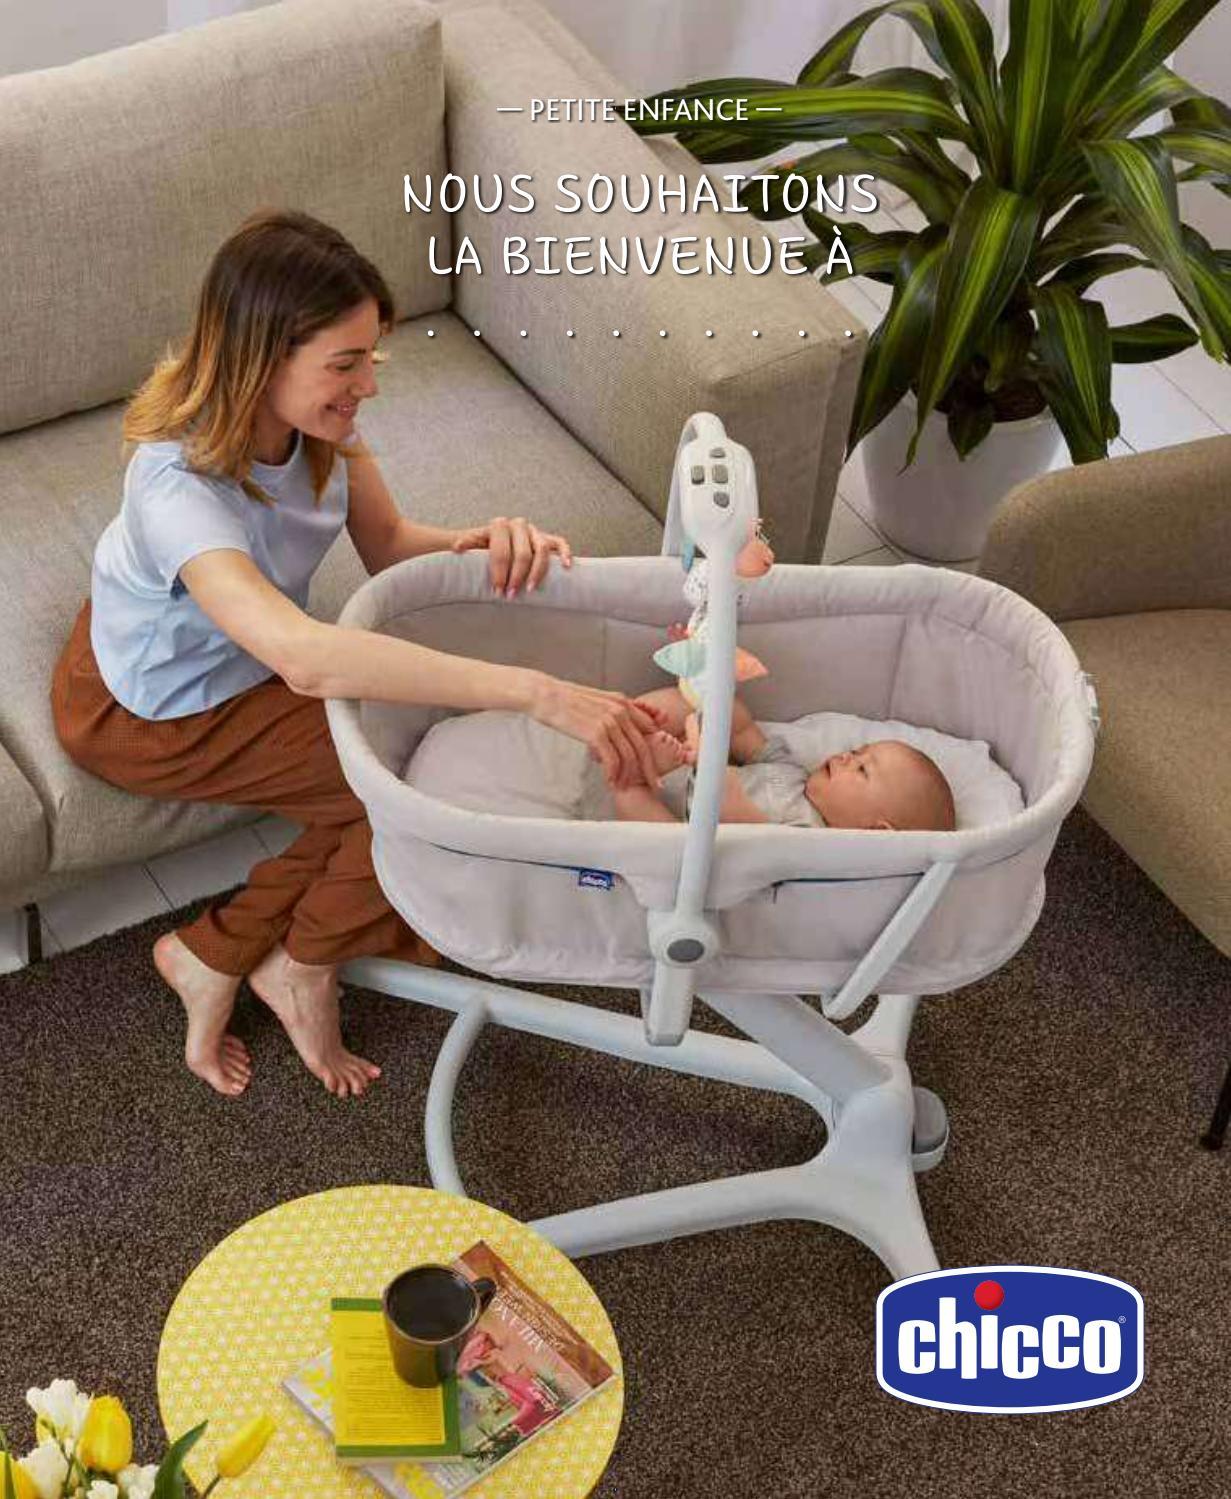 harnais de chaise haute remplacement de ceinture sans danger pour b/éb/é pour poussette chaise haute poussette landau poussette enfants harnais /à 5 points Rose Sangles de chaise haute